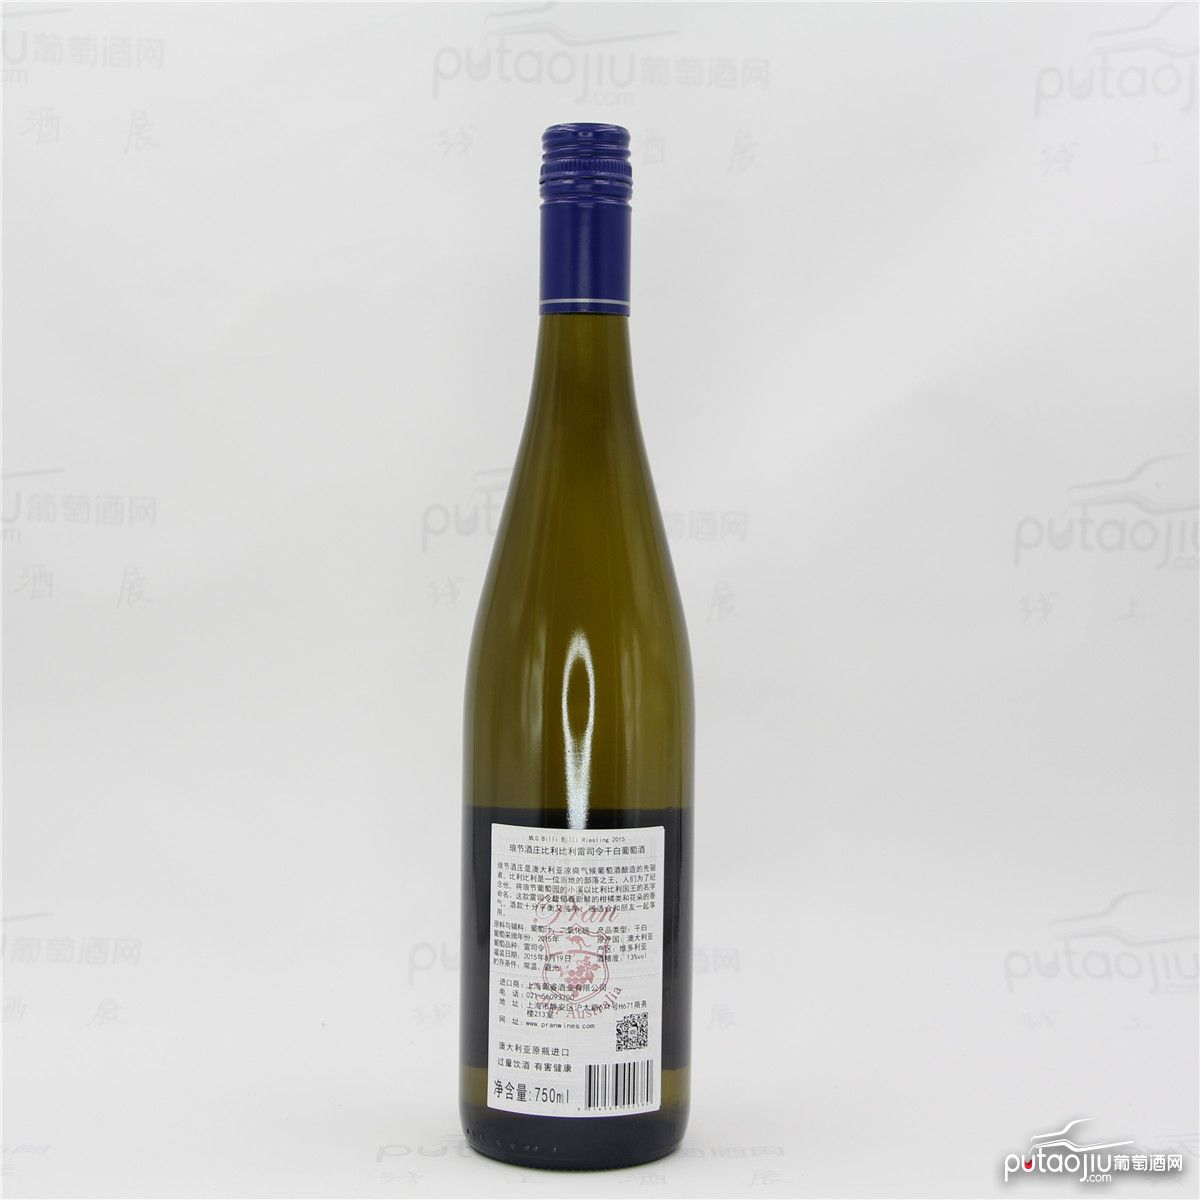 澳大利亚格兰屏产区朗节酒庄比利比利雷司令双红五星酒庄干白葡萄酒